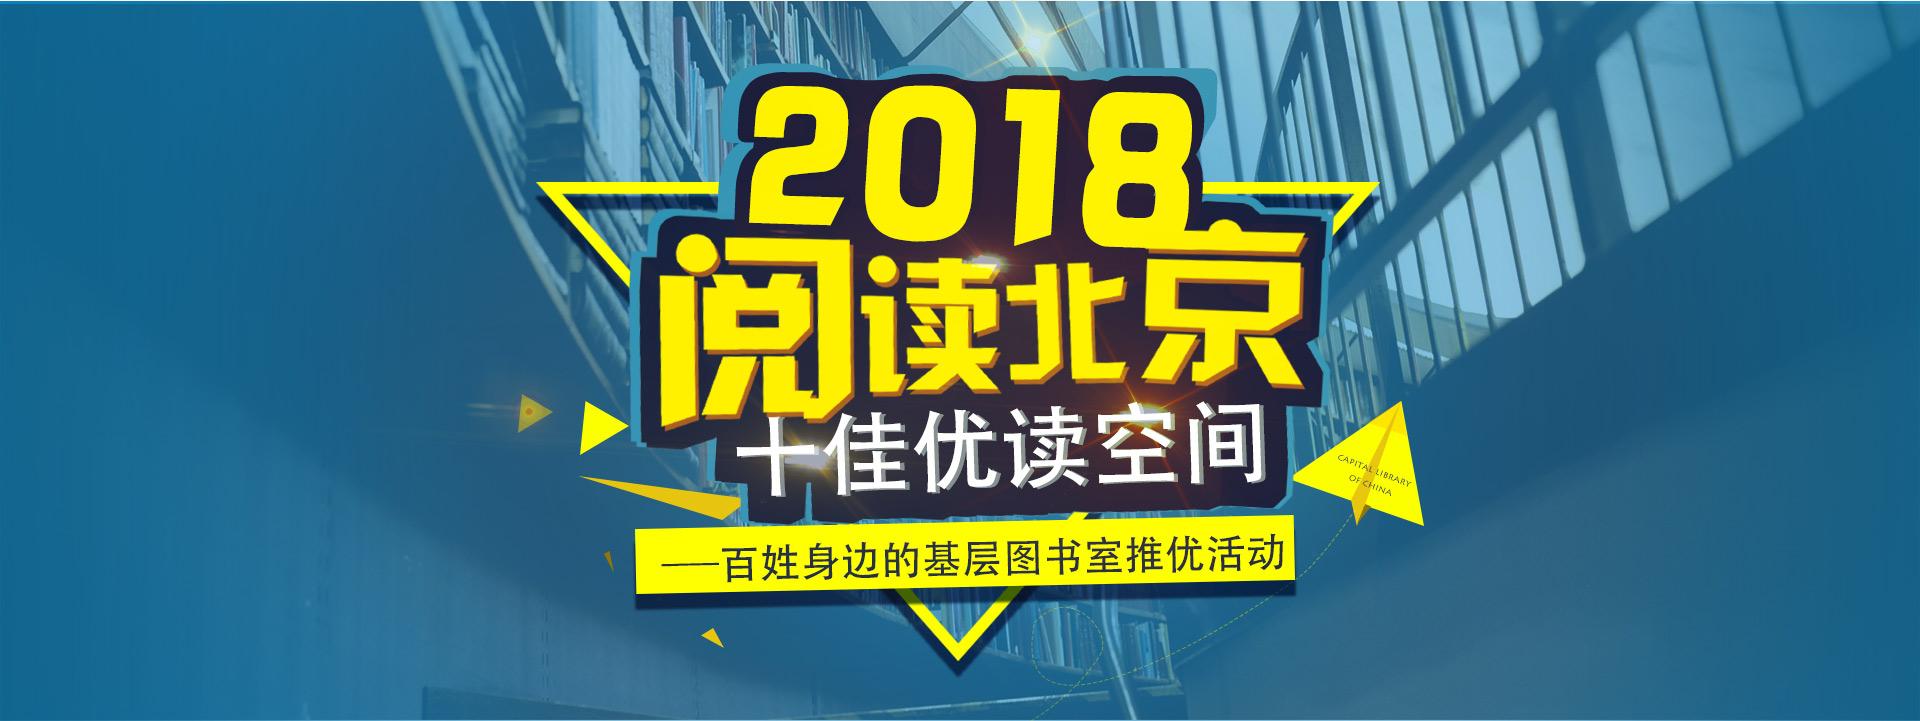 2018.'首页banner图'